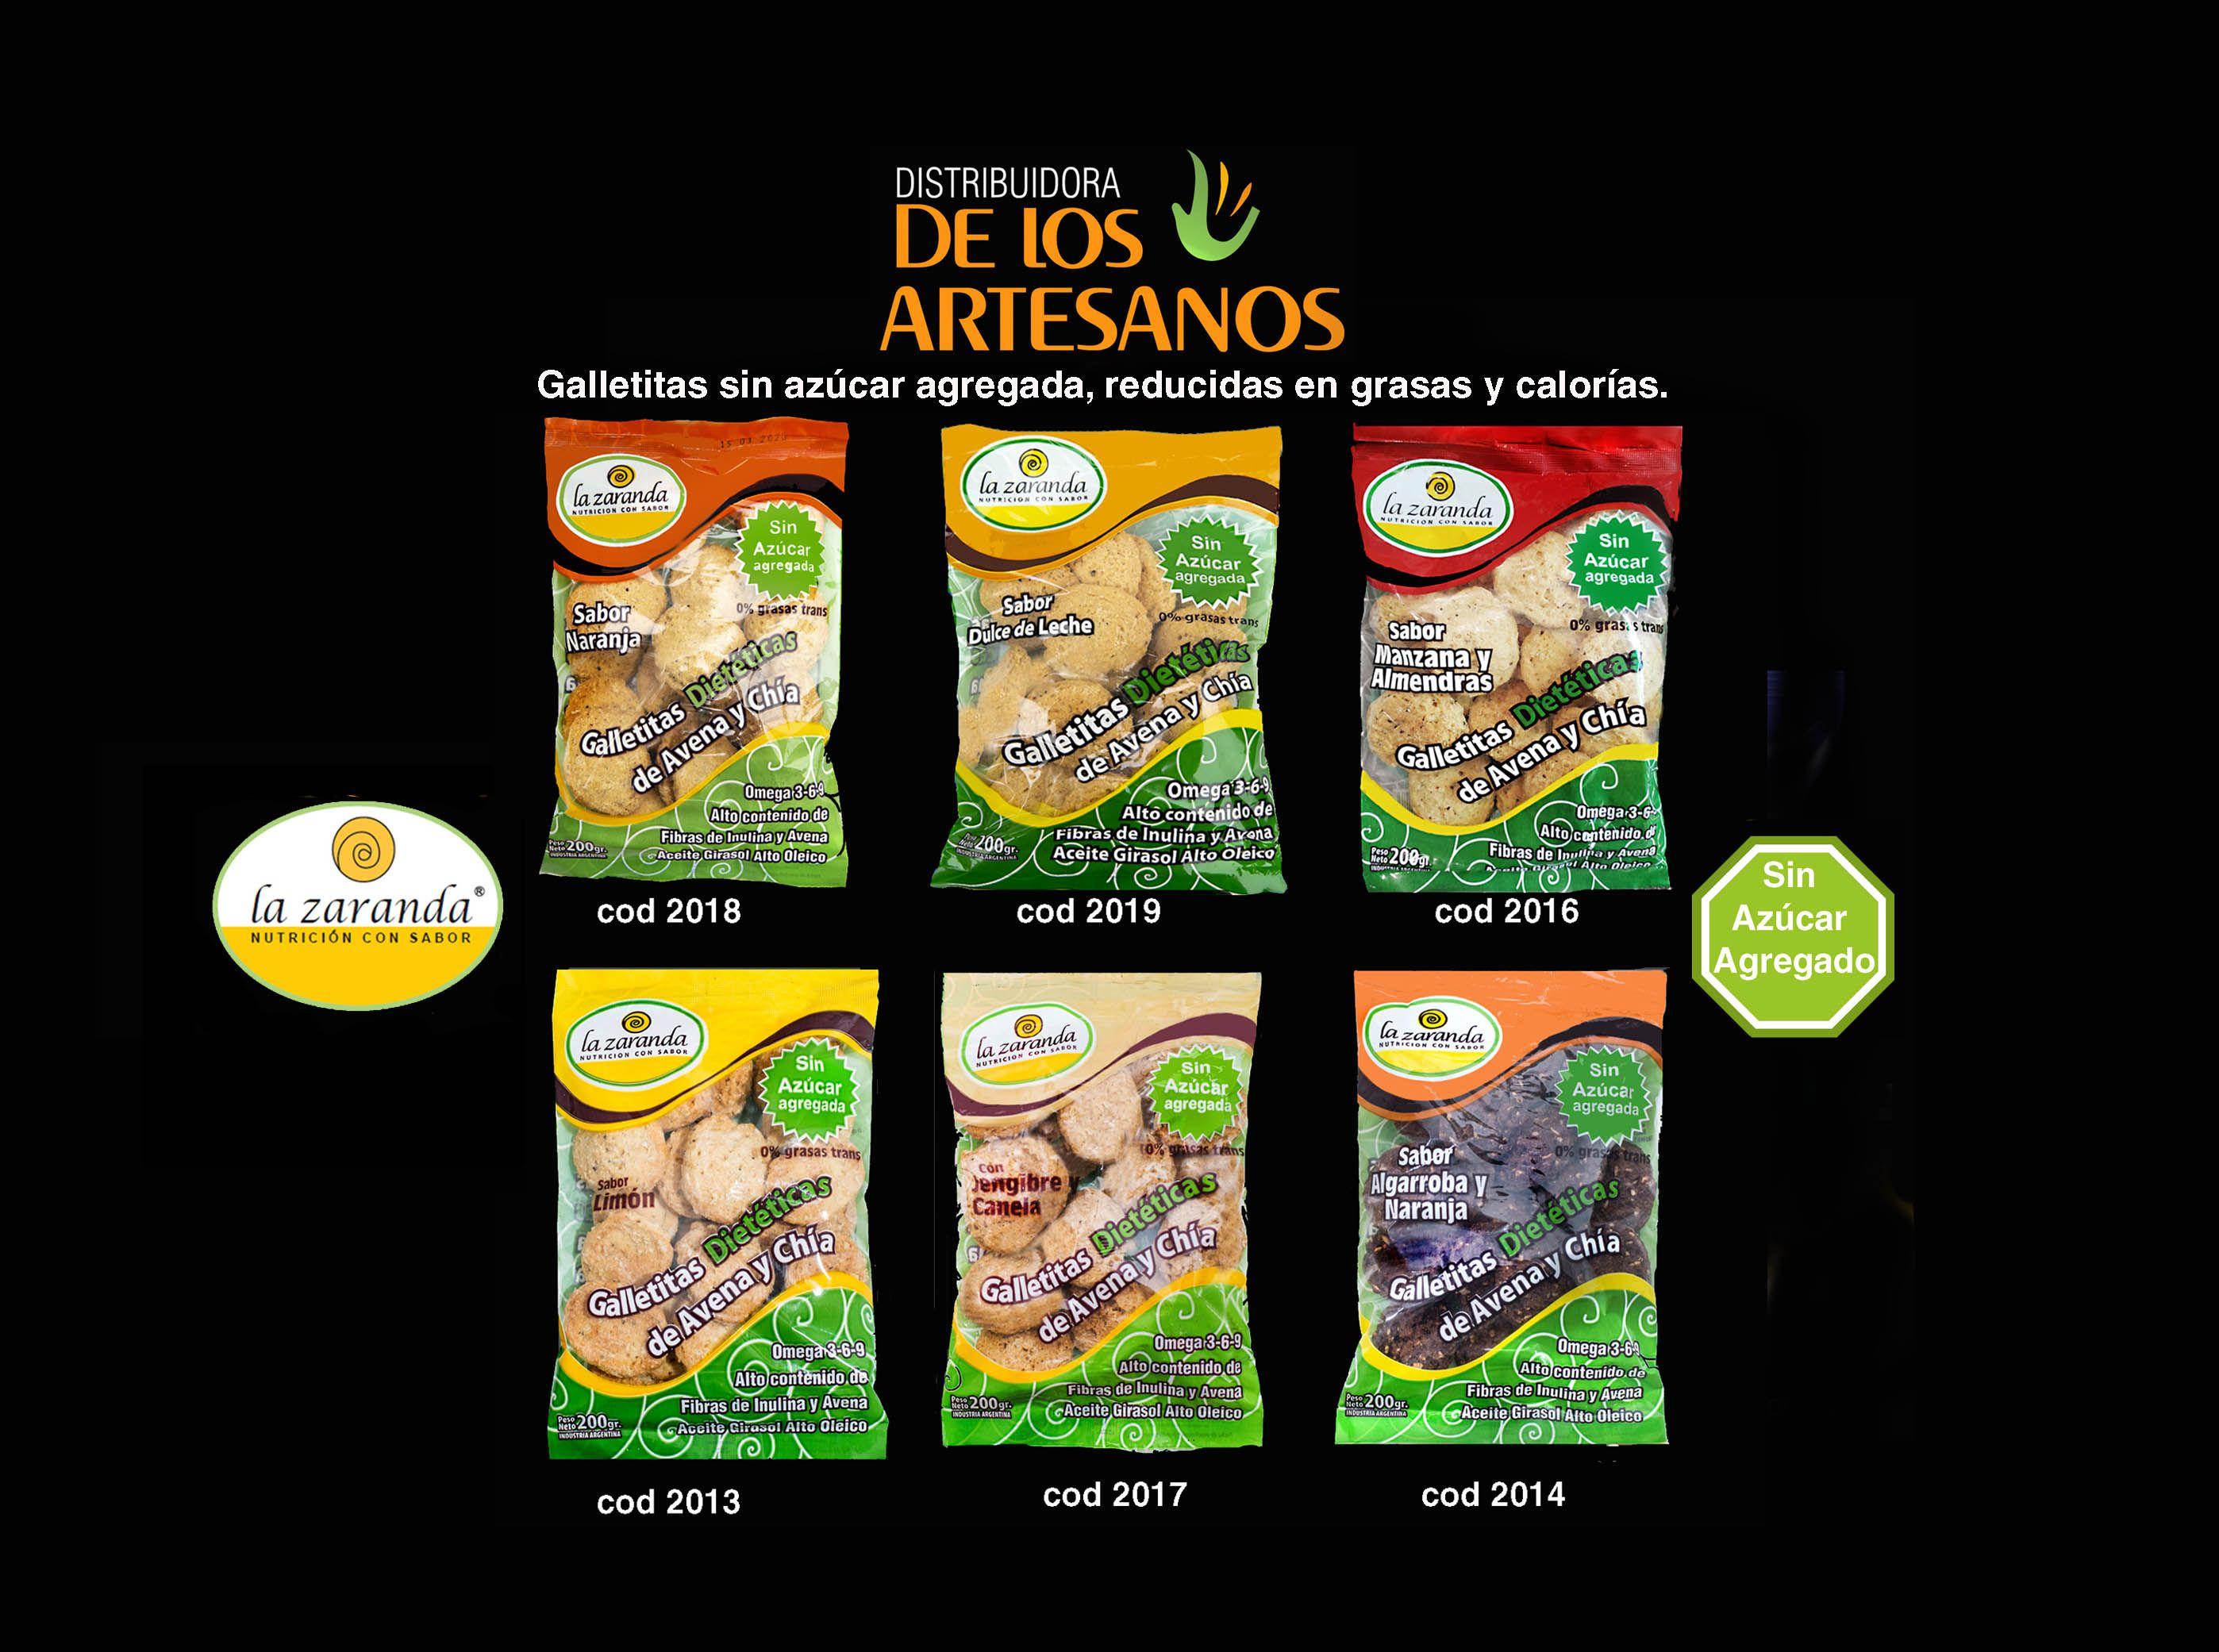 La Zaranda Distribuidora De Productos Dieteticos Venta Por Mayor Distribuidora De Los Artesanos Avena Y Chia Artesanos Tienda Natural